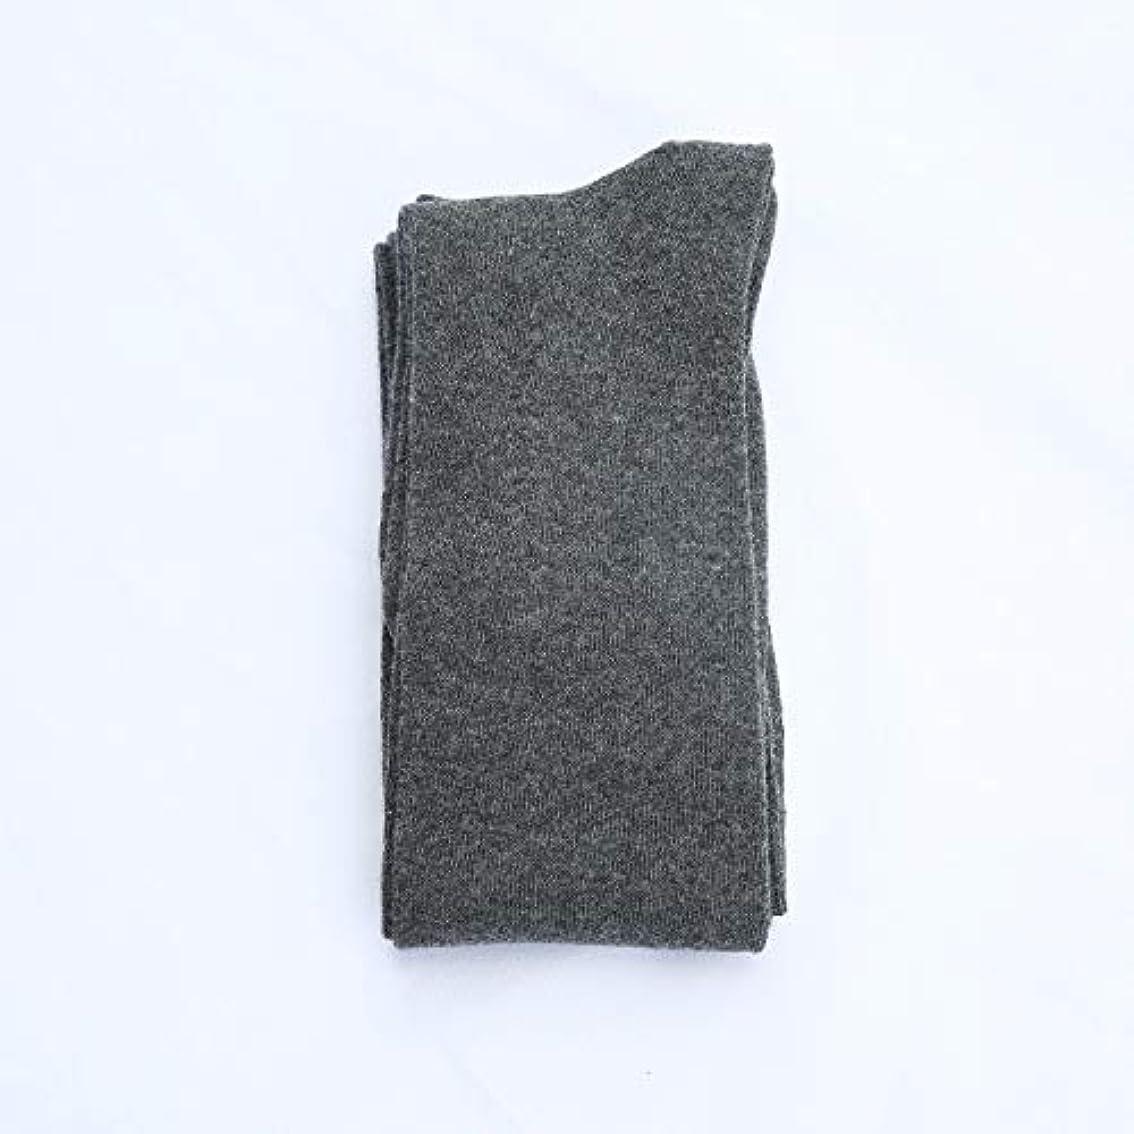 悪性奇跡的な説明的綿の膝ソックス女性の日本の甘いスリップ太ももソックスソリッドカラー厚く暖かい暖かい靴下学生通気性